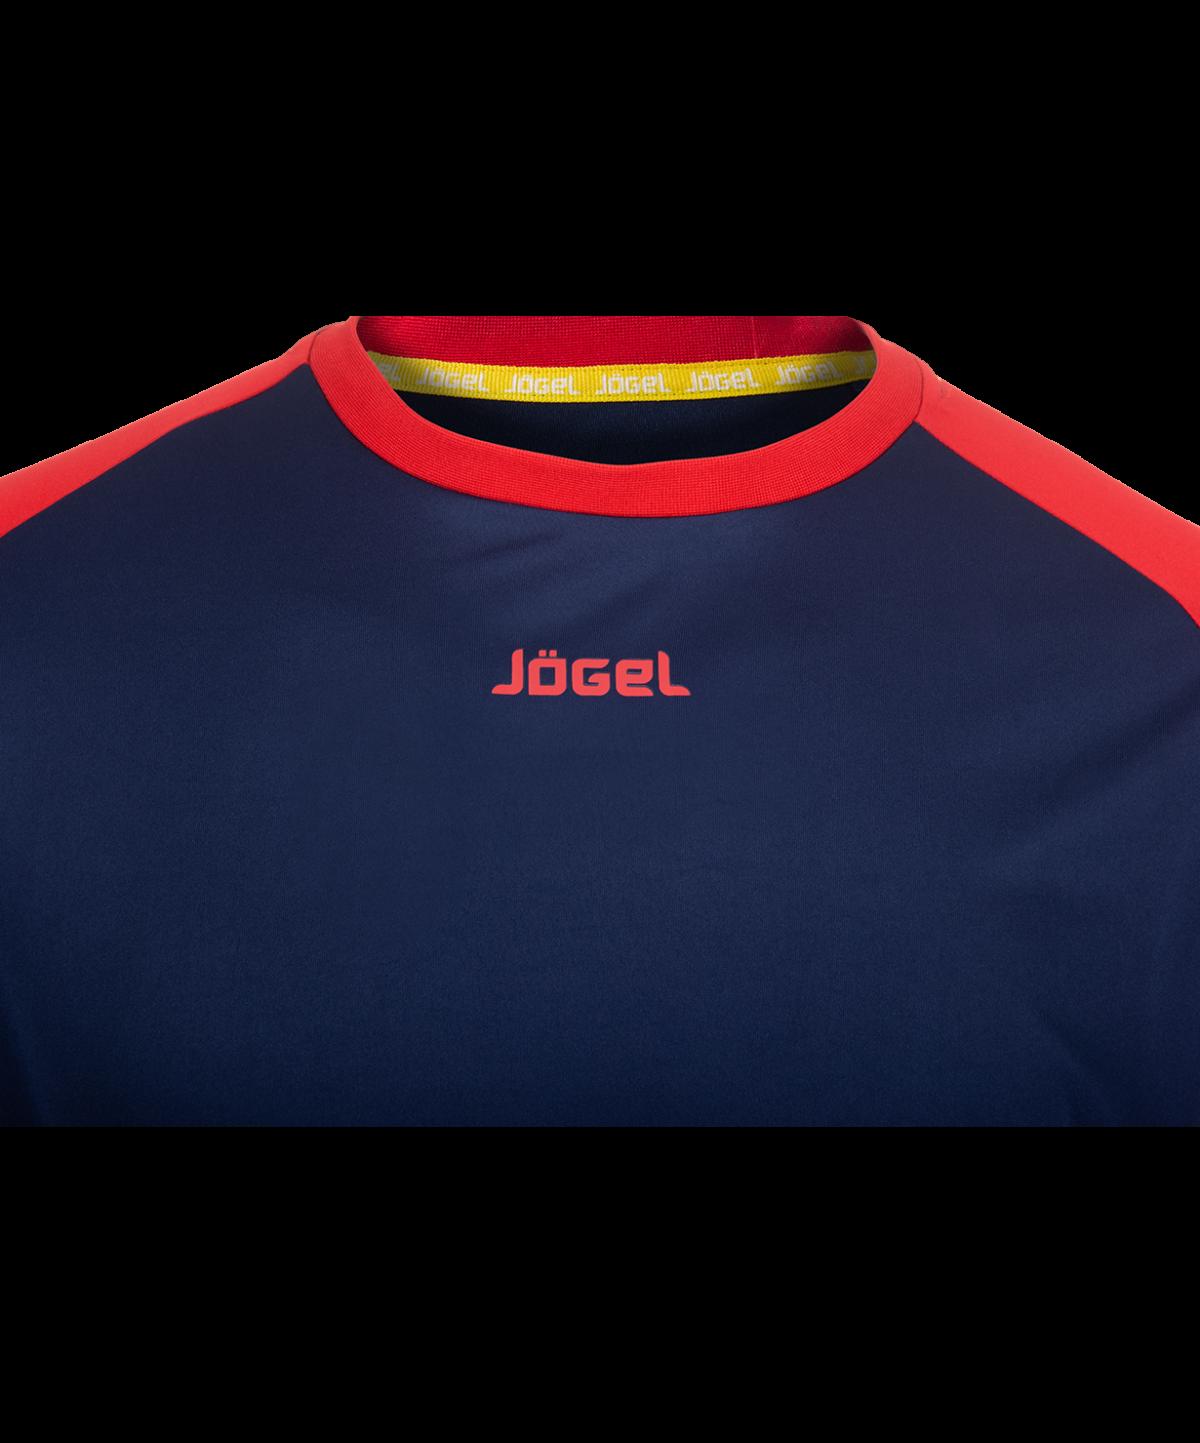 JOGEL Футболка футбольная, темно-синий/красный  JFT-1011-092 - 3